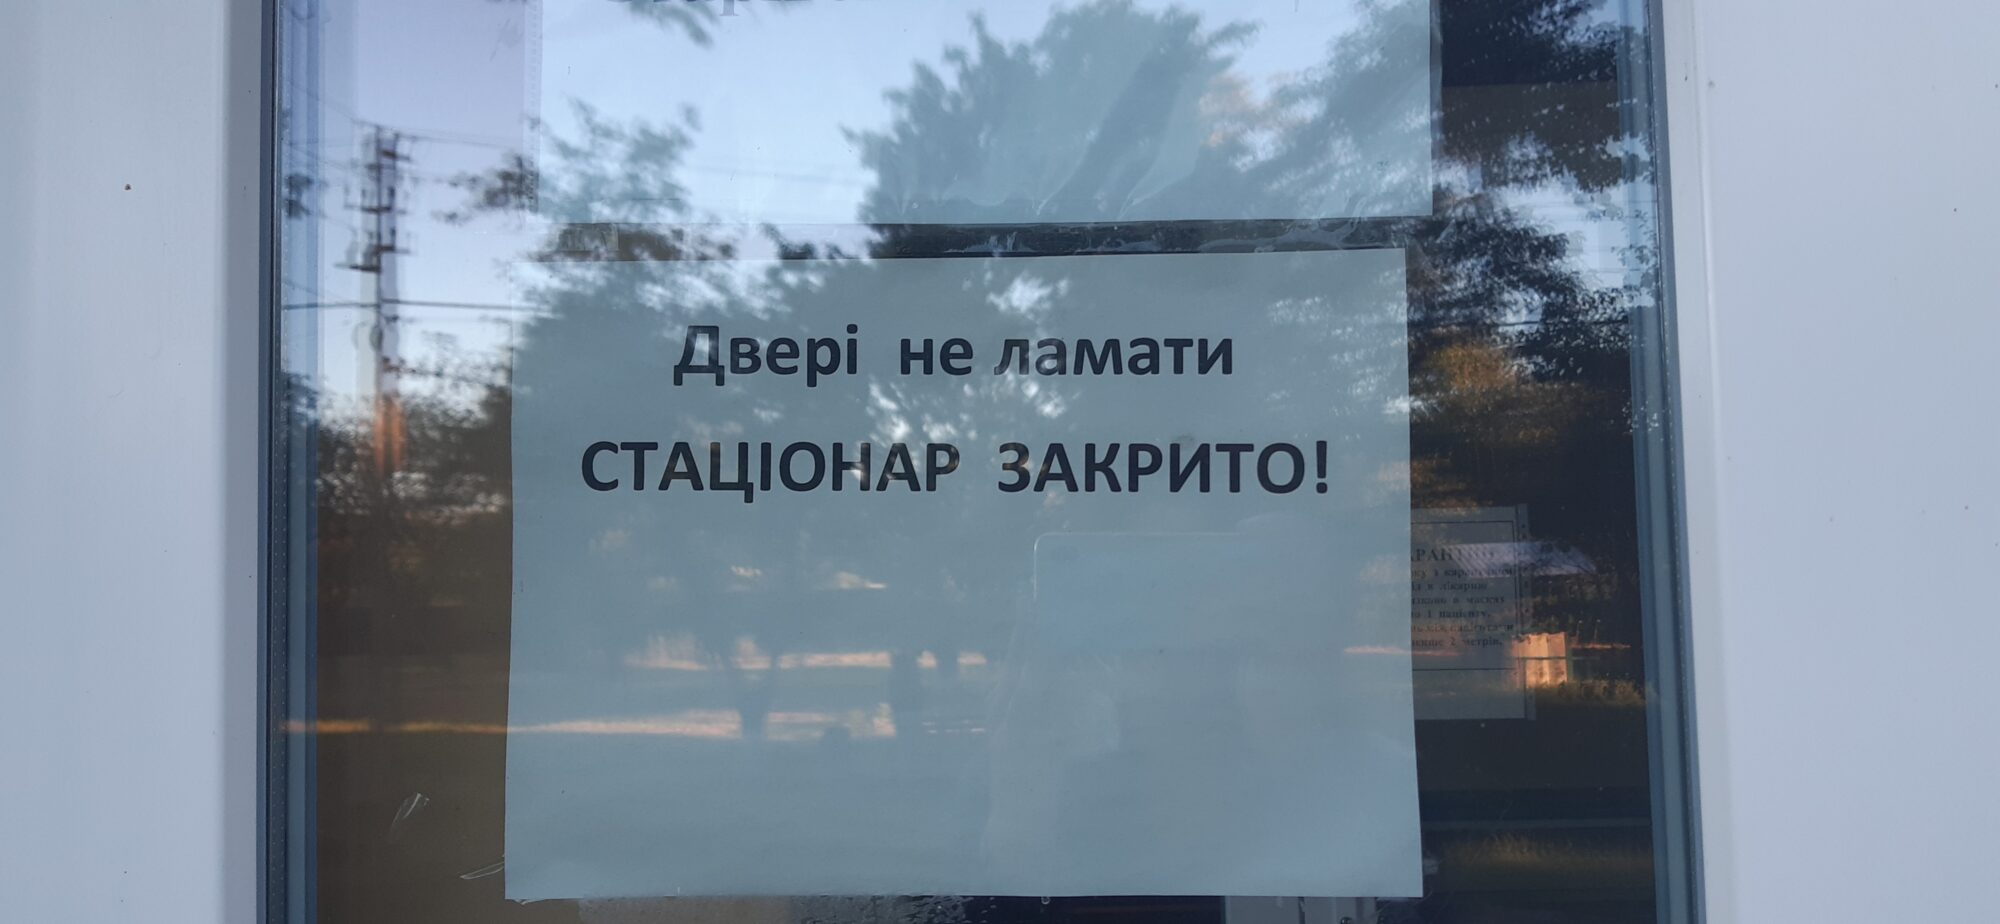 Зеленський доручив уряду роз'яснити людям, як працювати у локдаун - локдаун, коронавірус, карантин - 20200802 193703 2000x924